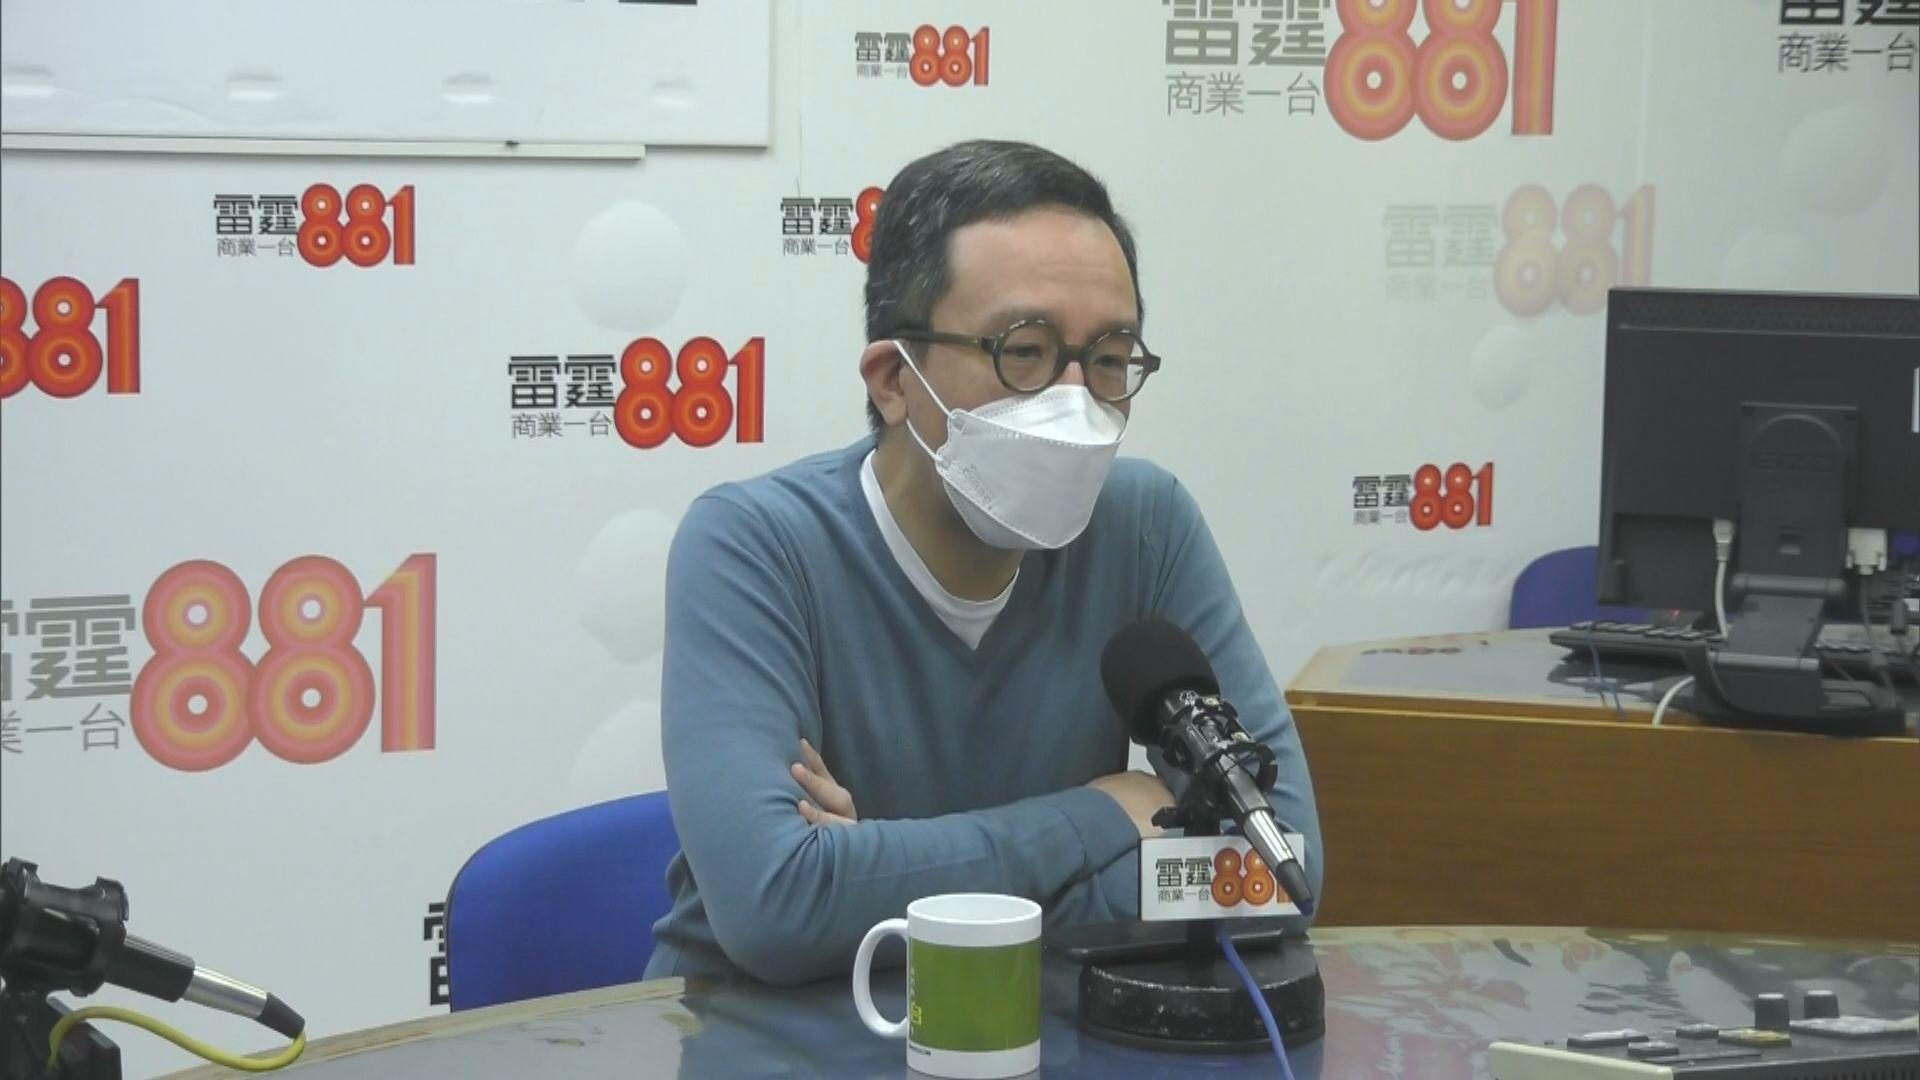 港大醫學院院長梁卓偉:疫情算是全球大流行